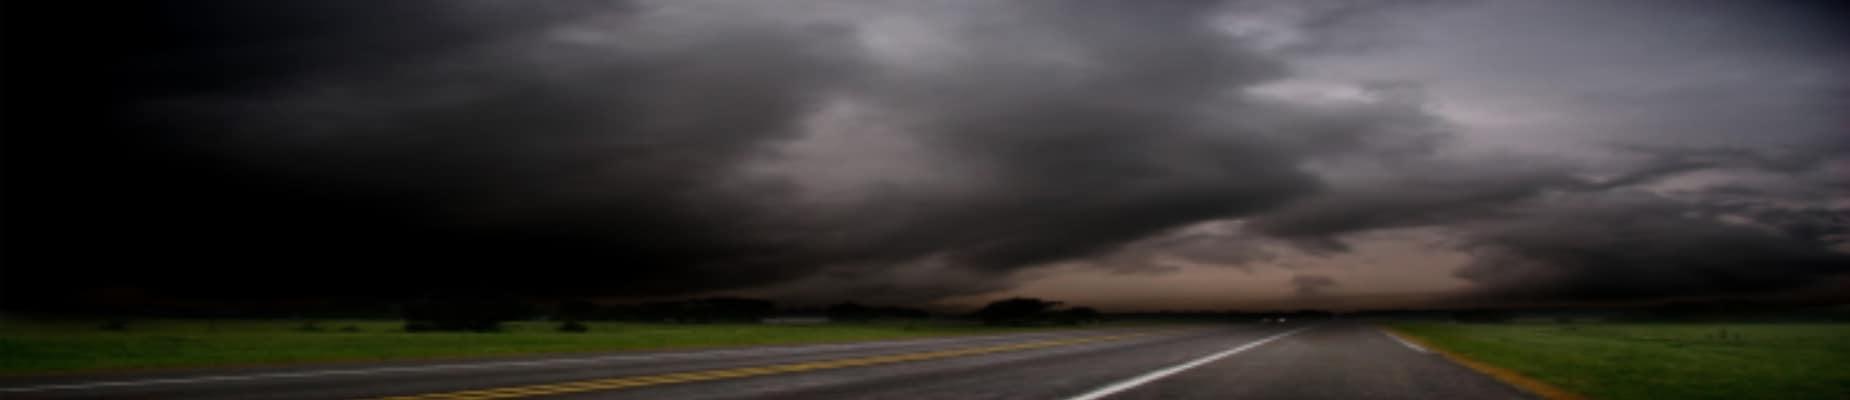 Hail Damage Storm Clouds